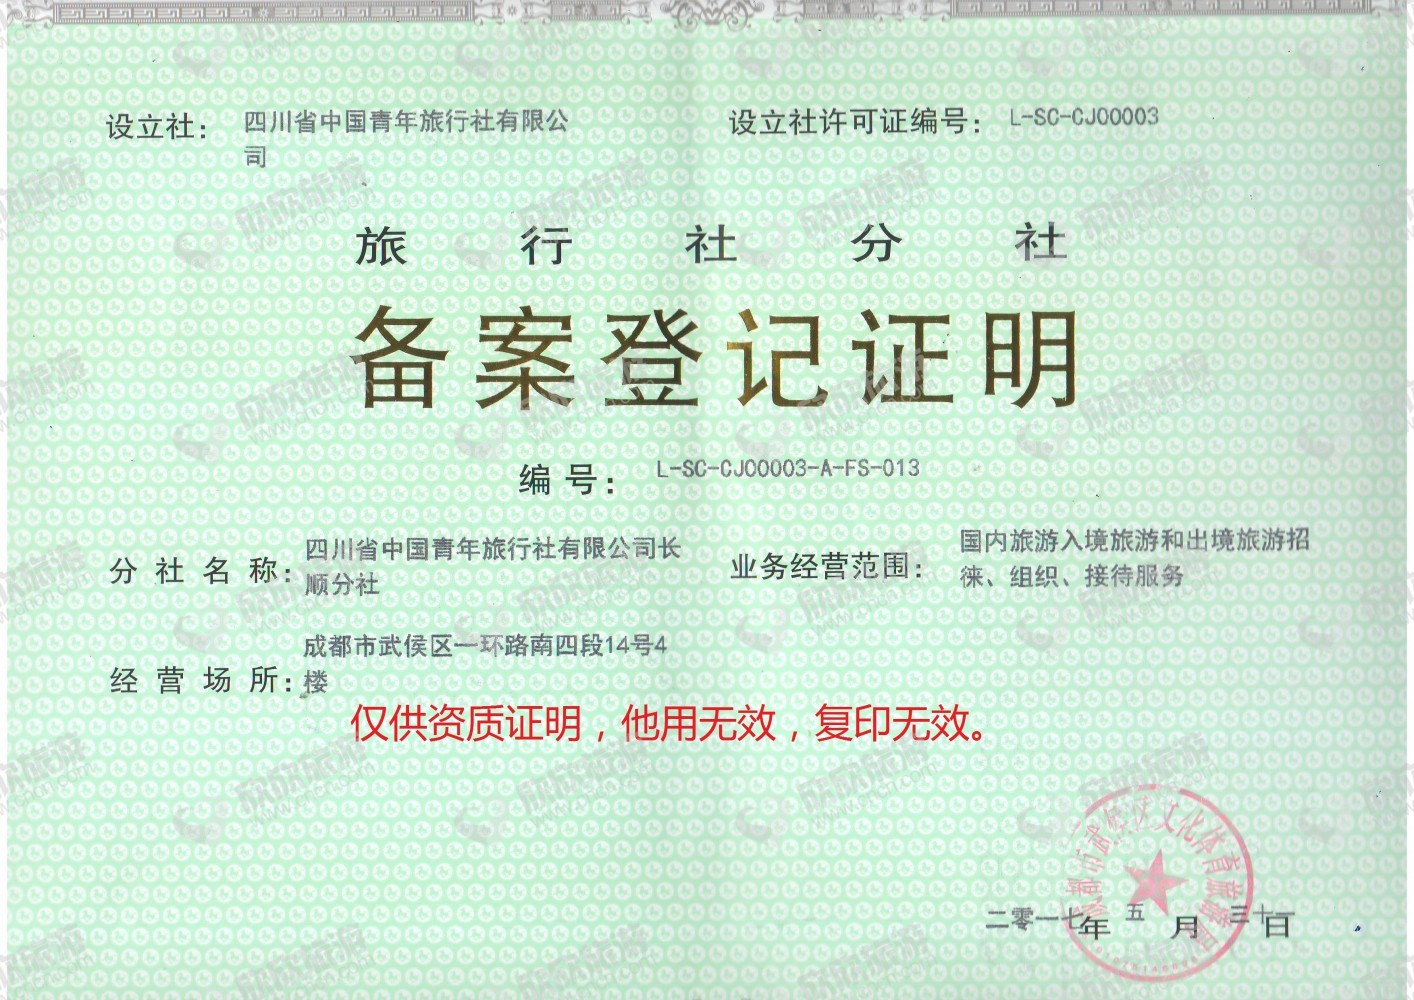 四川省中国青年旅行社有限公司长顺分社经营许可证